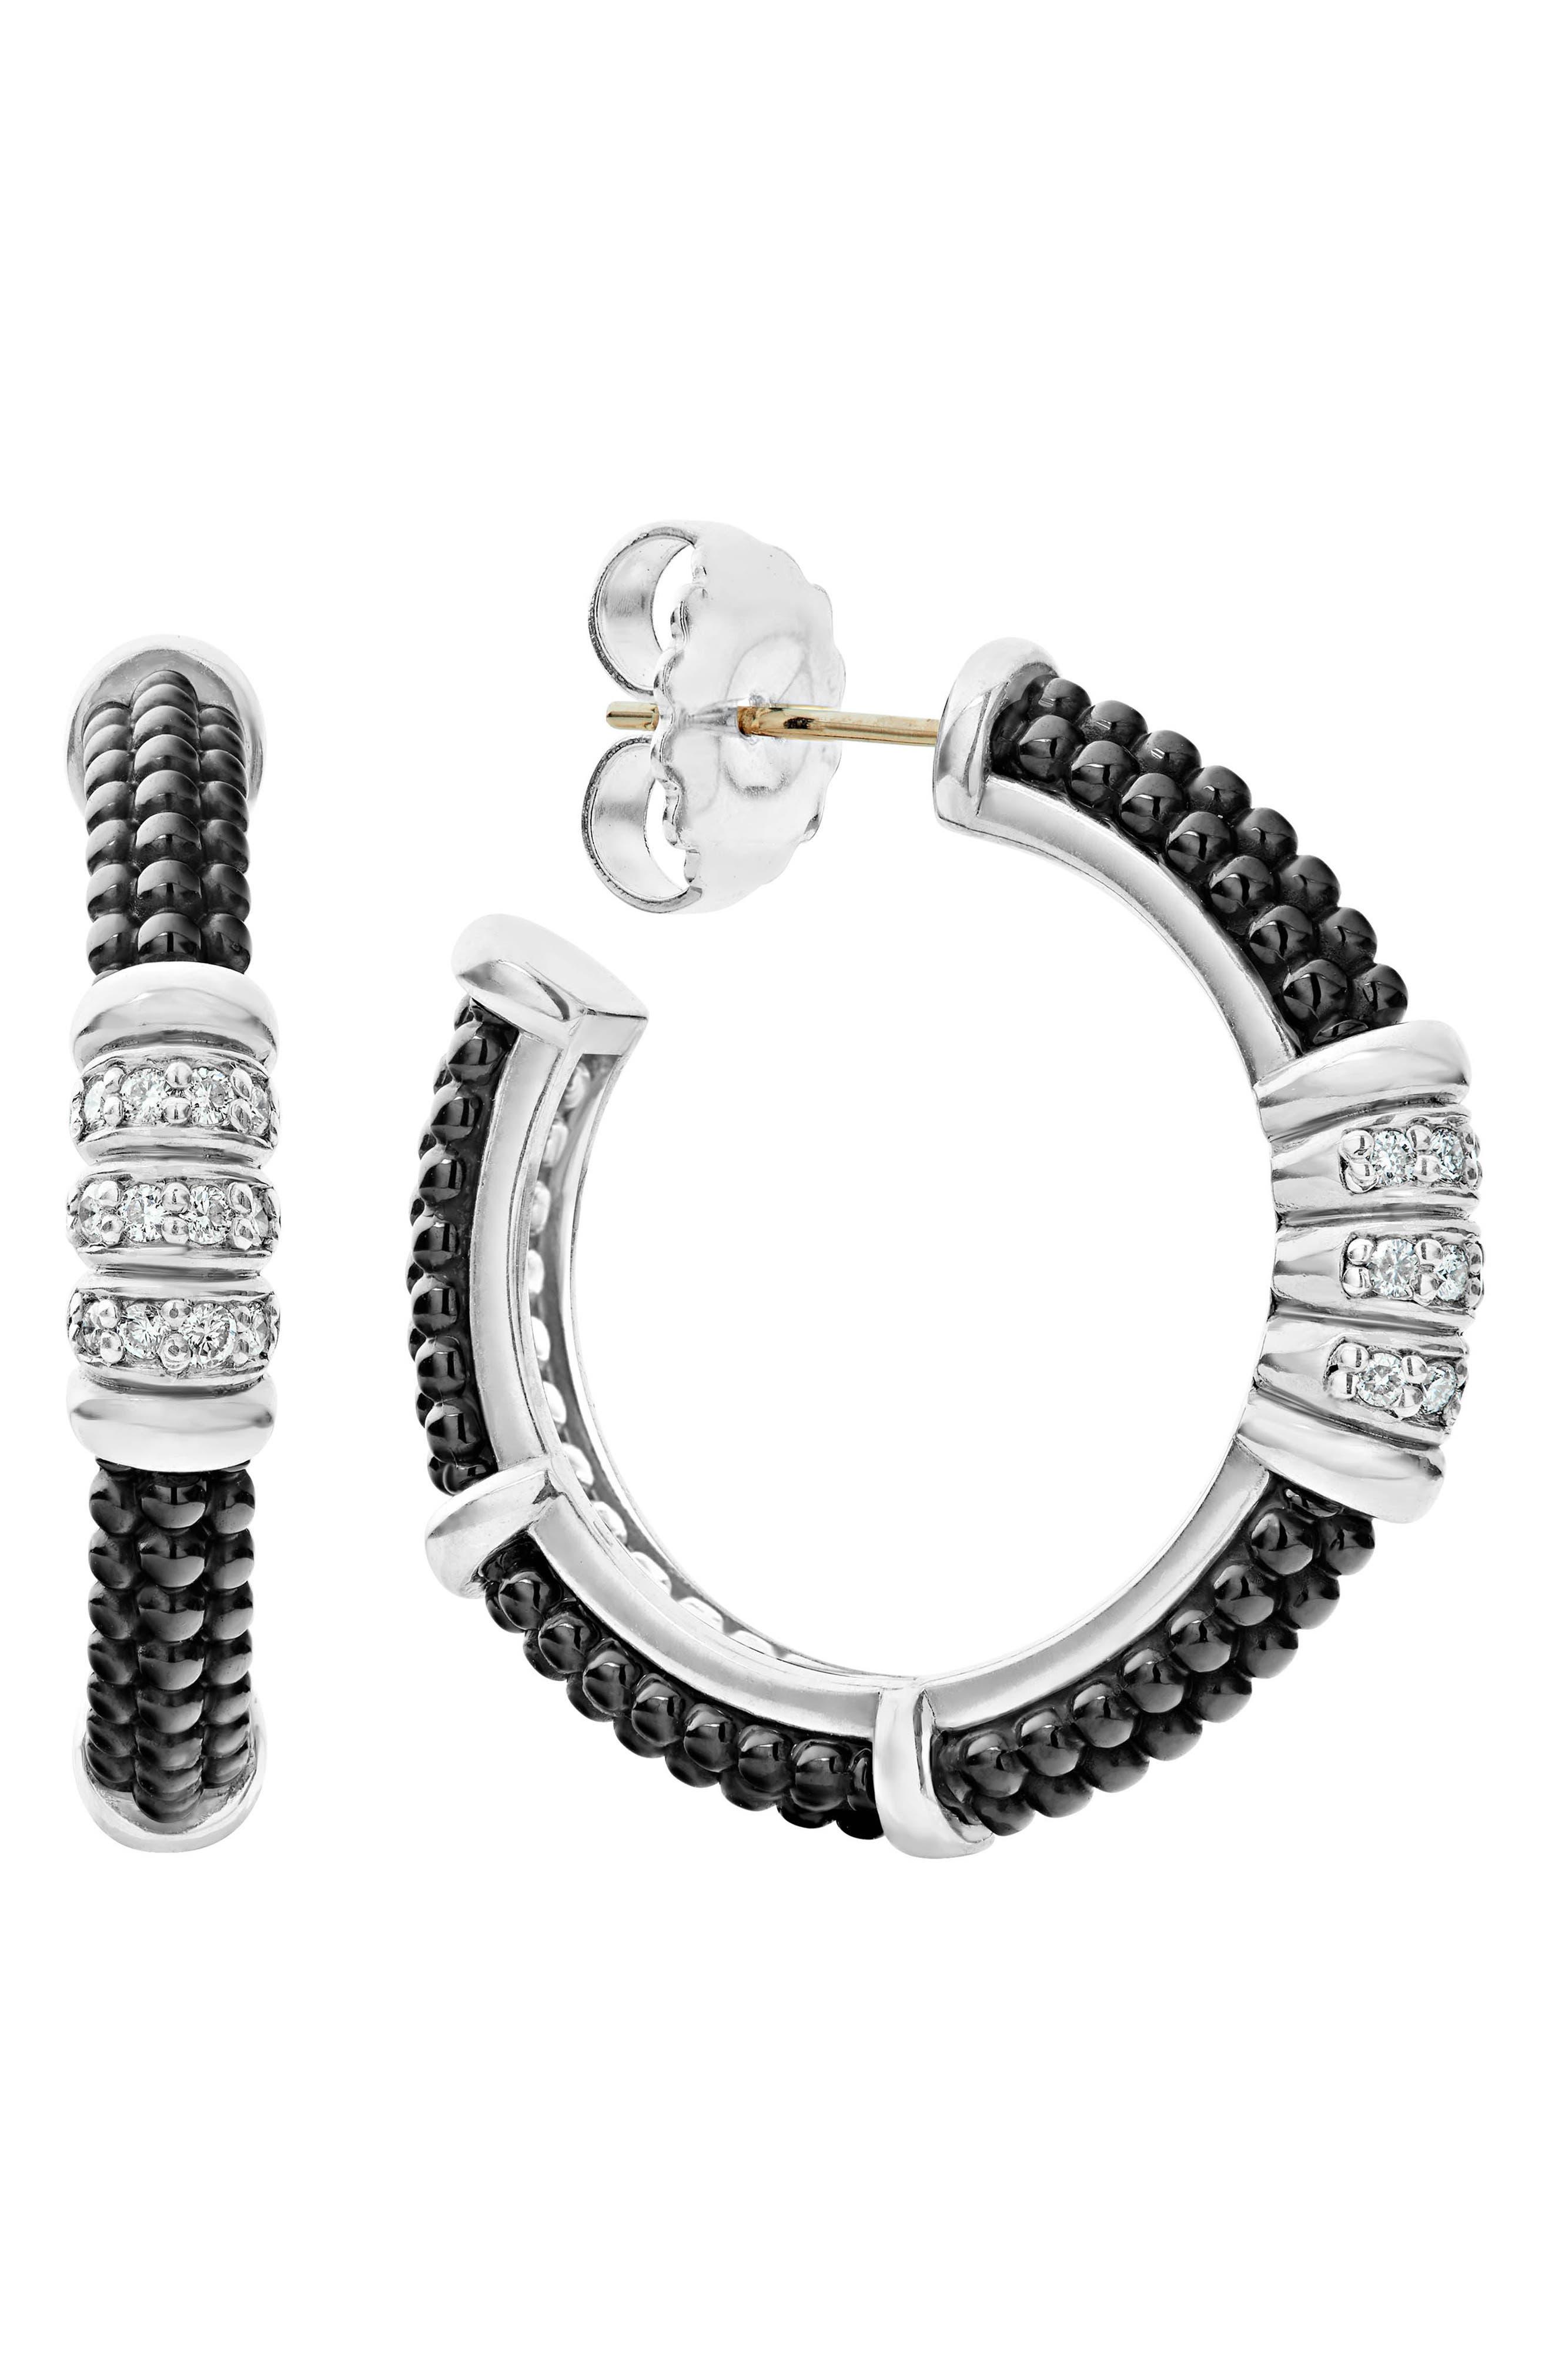 LAGOS Sterling Silver Black Caviar Diamond & Black Ceramic Hoop Earrings